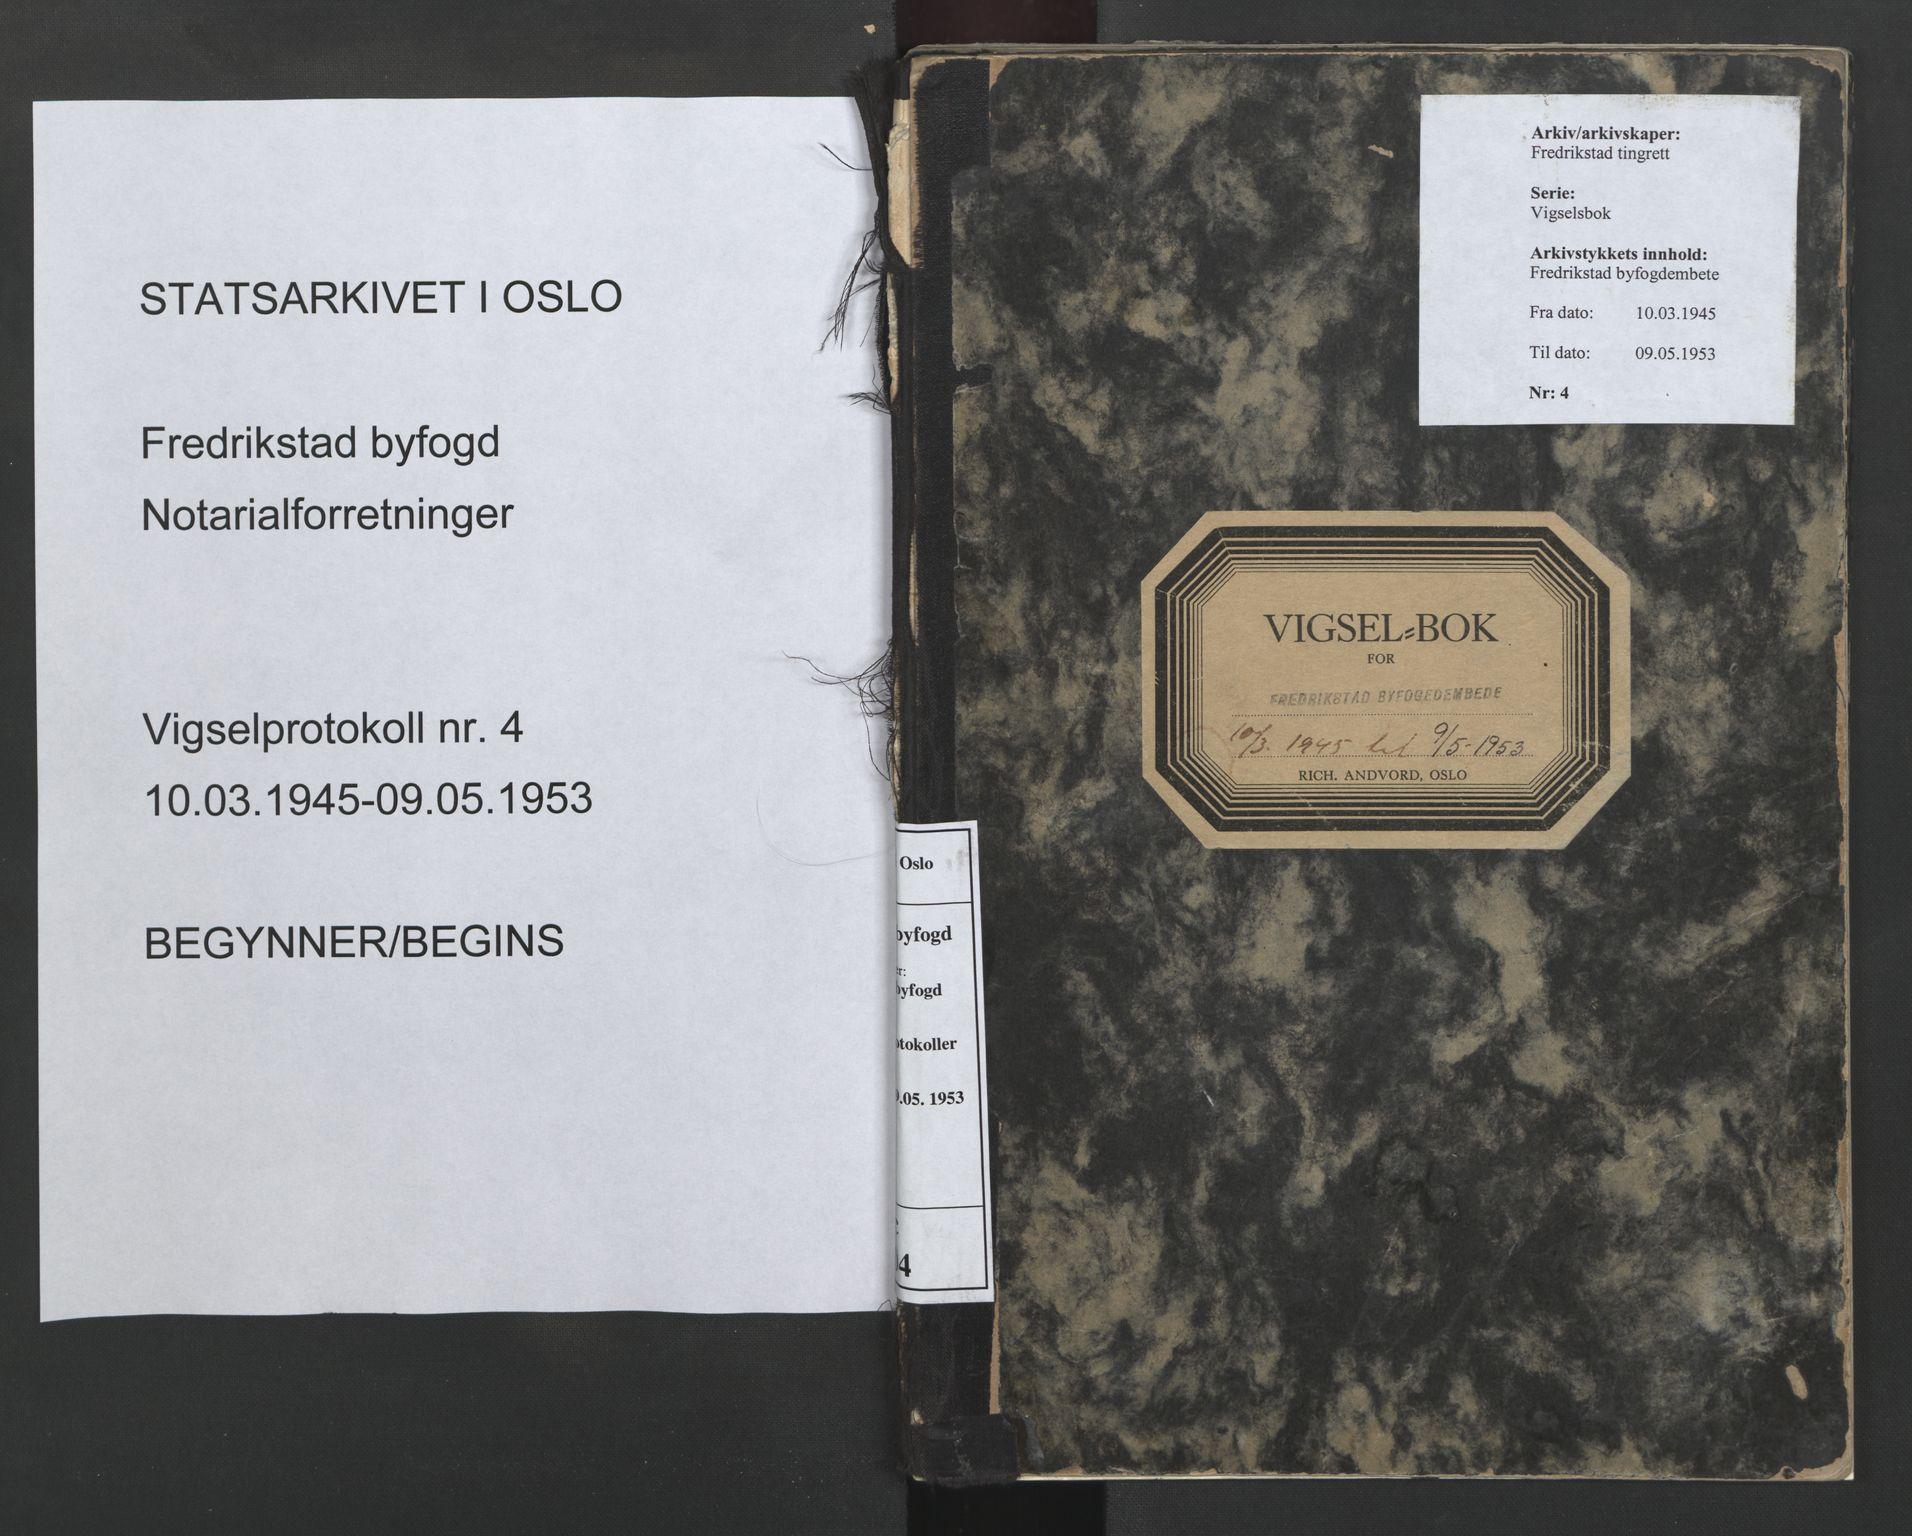 SAO, Fredrikstad byfogd, L/Lc/L0004: Vigselsbok, 1945-1953, s. upaginert